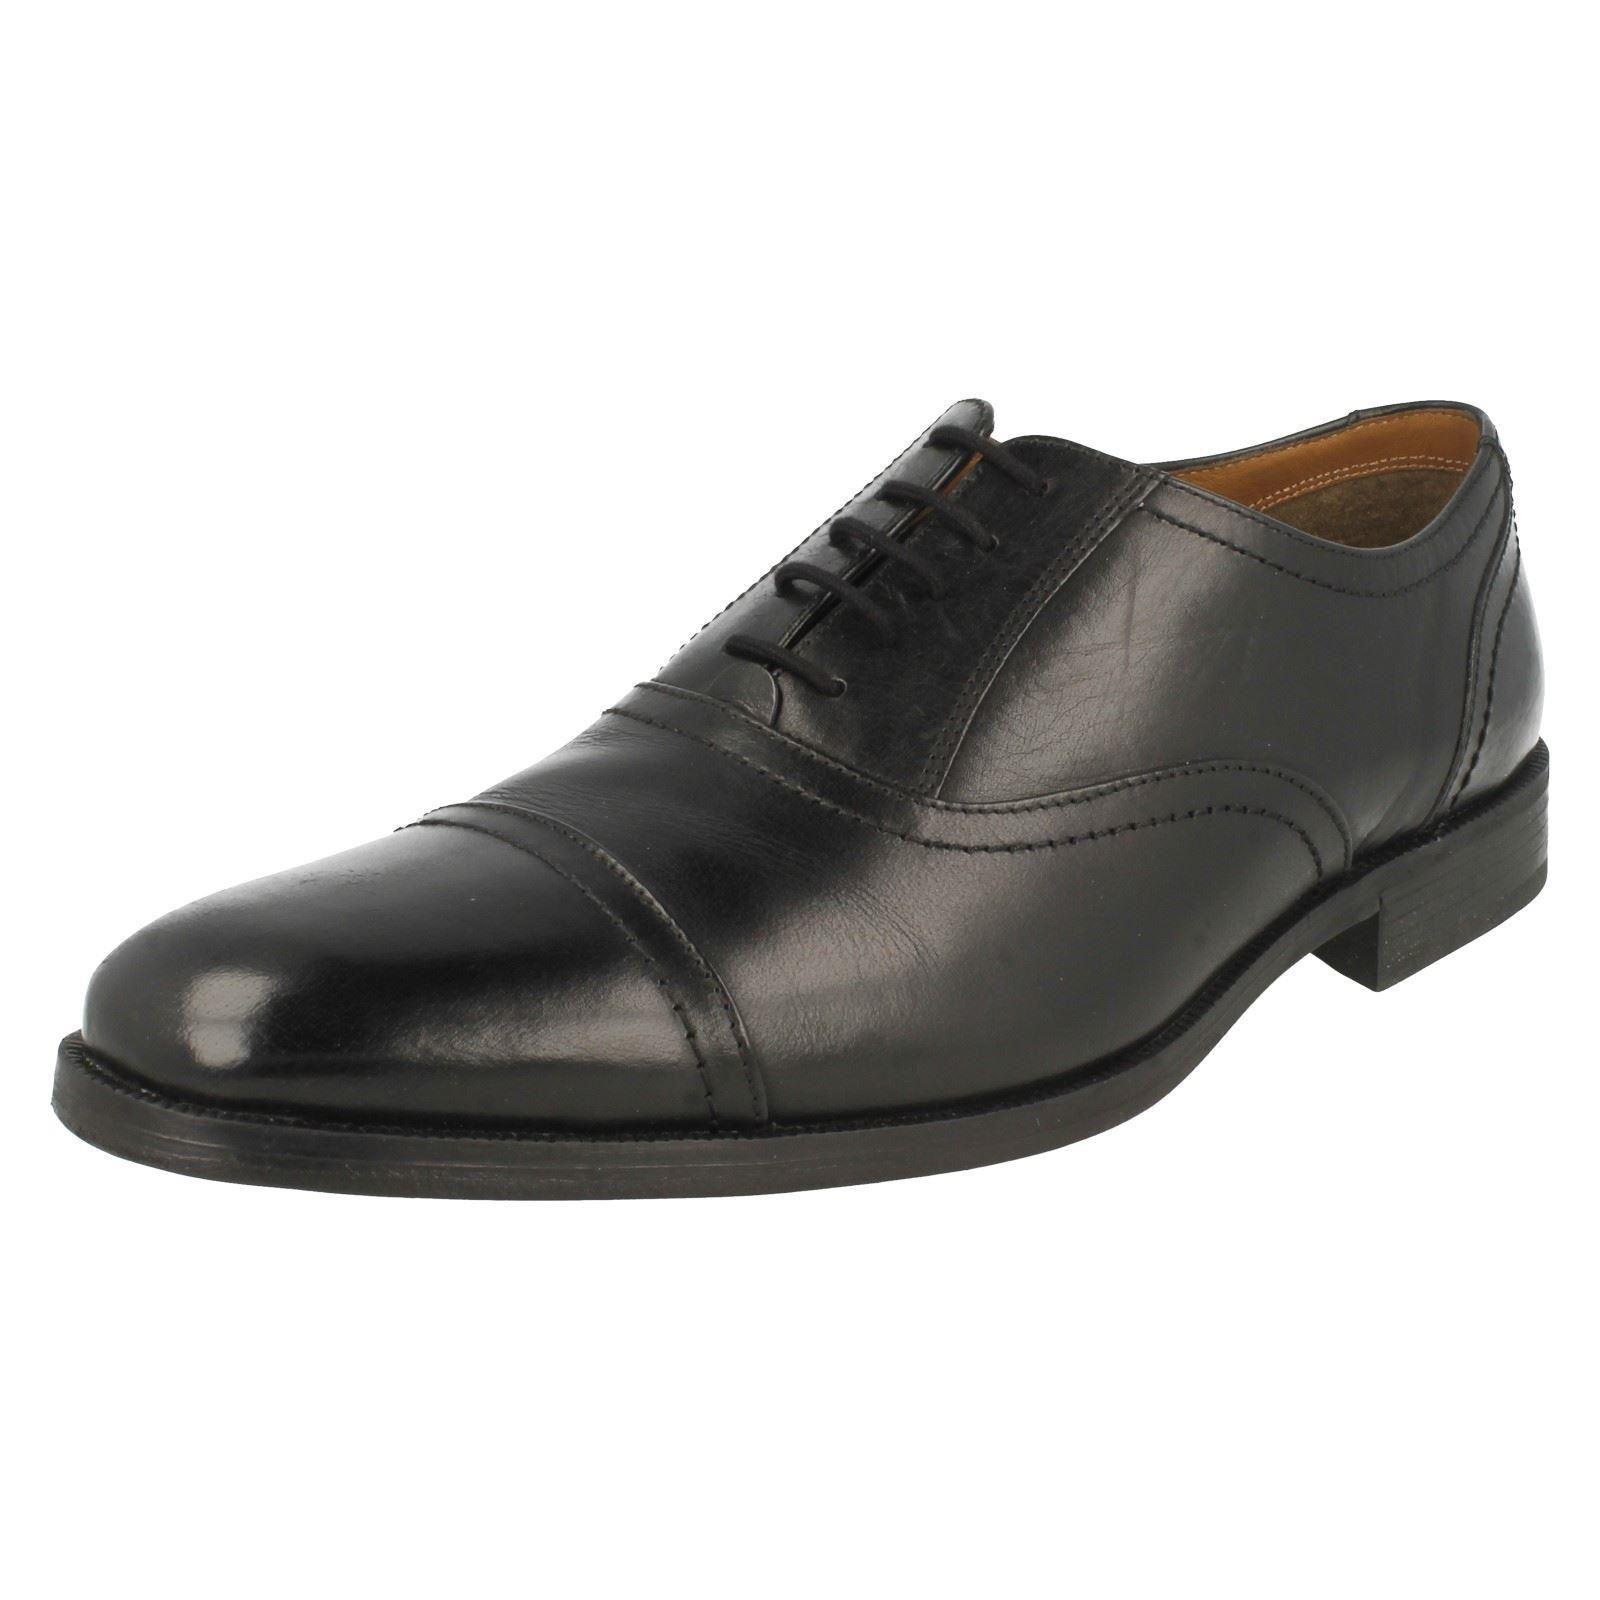 Da Uomo Clarks Nero Pelle Stringati Scarpe Stile-Bakra Ascensore G Fit Scarpe classiche da uomo